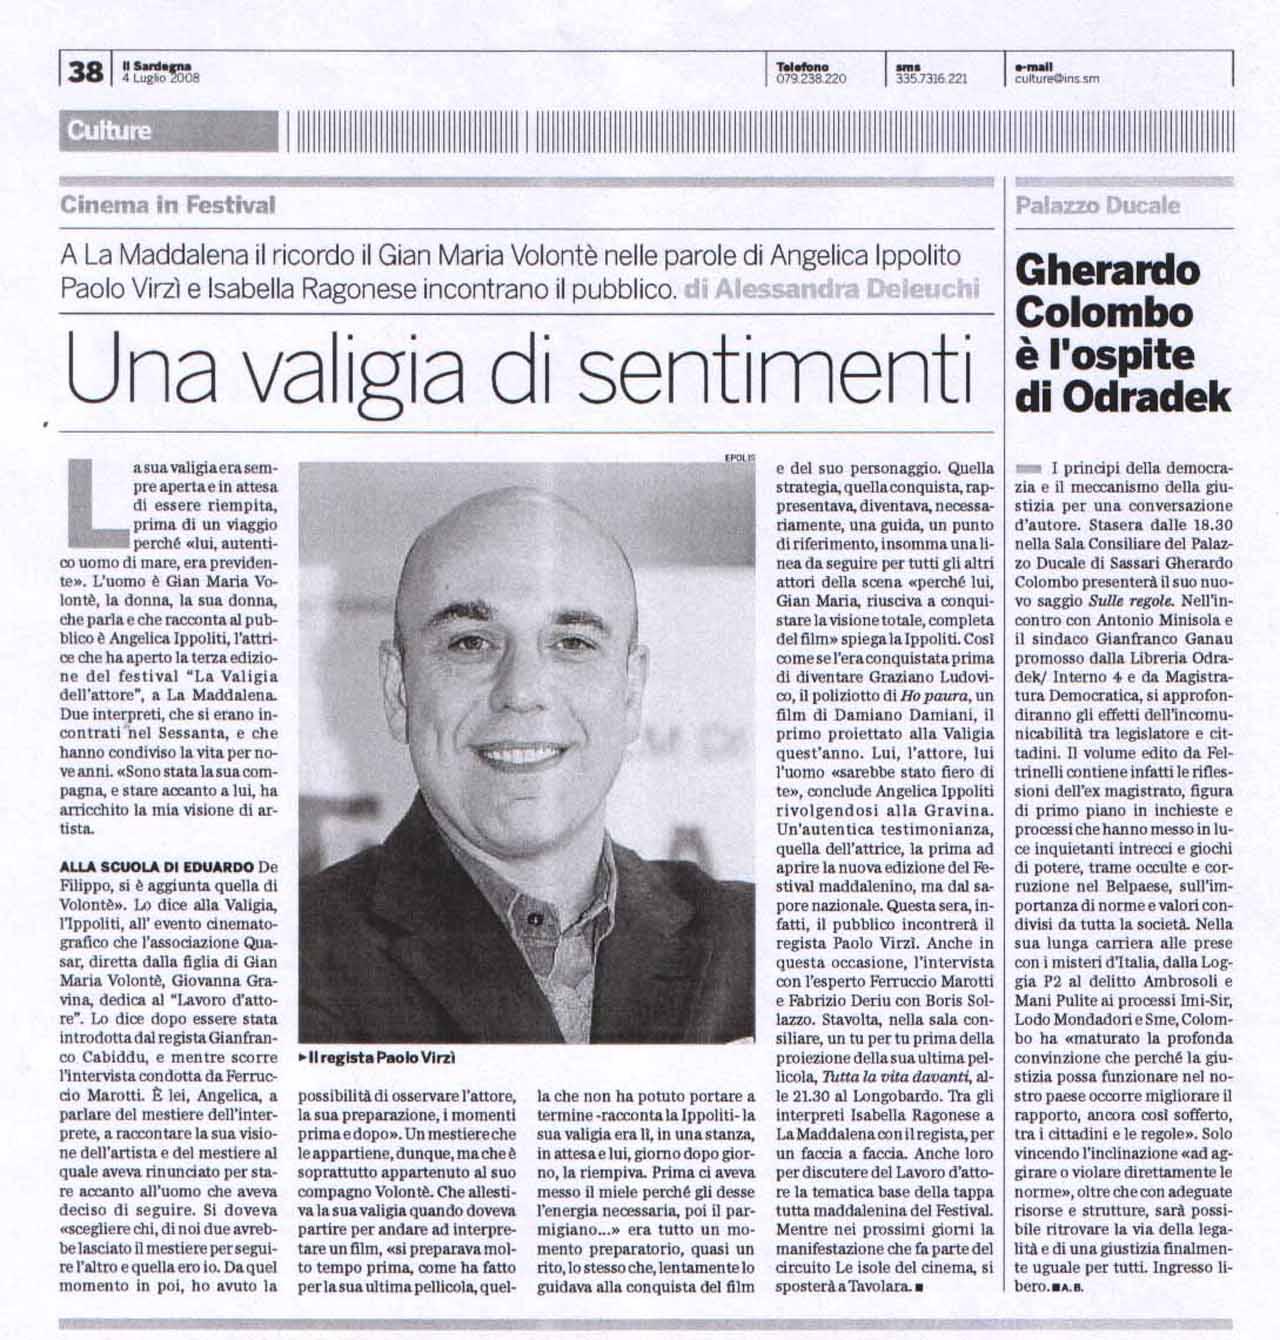 05-07-08 Il Sardegna Culture - Copia